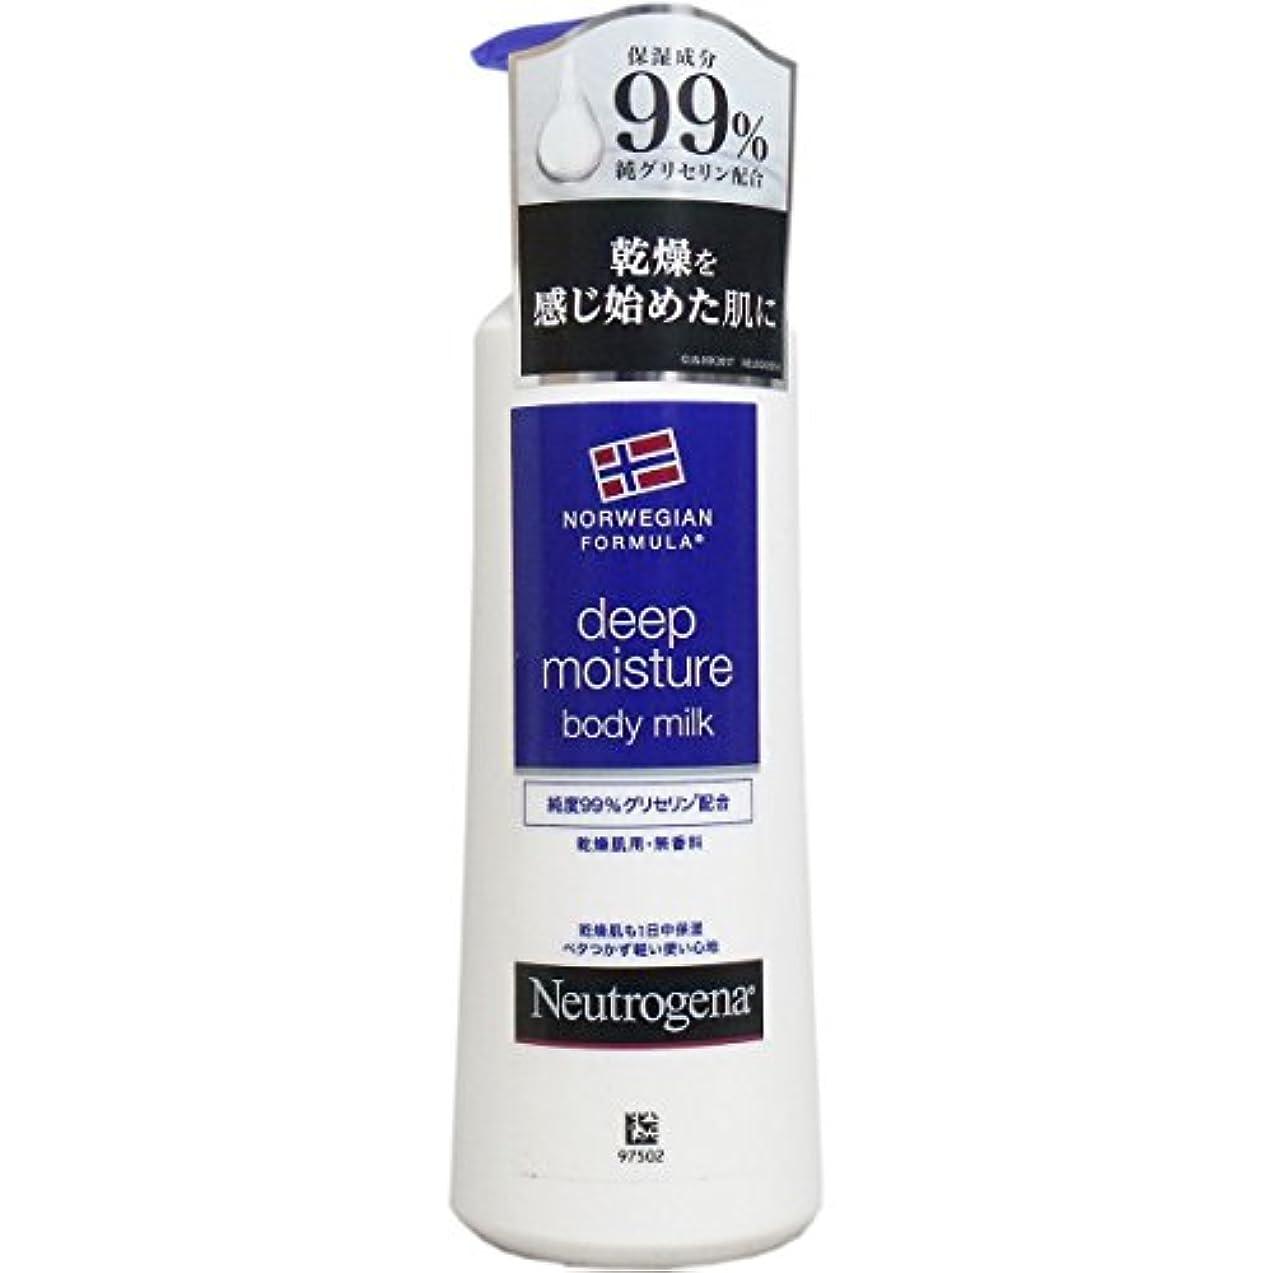 安定名詞時間とともに【まとめ買い】Neutrogena(ニュートロジーナ) ノルウェーフォーミュラ ディープモイスチャー ボディミルク 乾燥肌用 無香料 250ml×4個